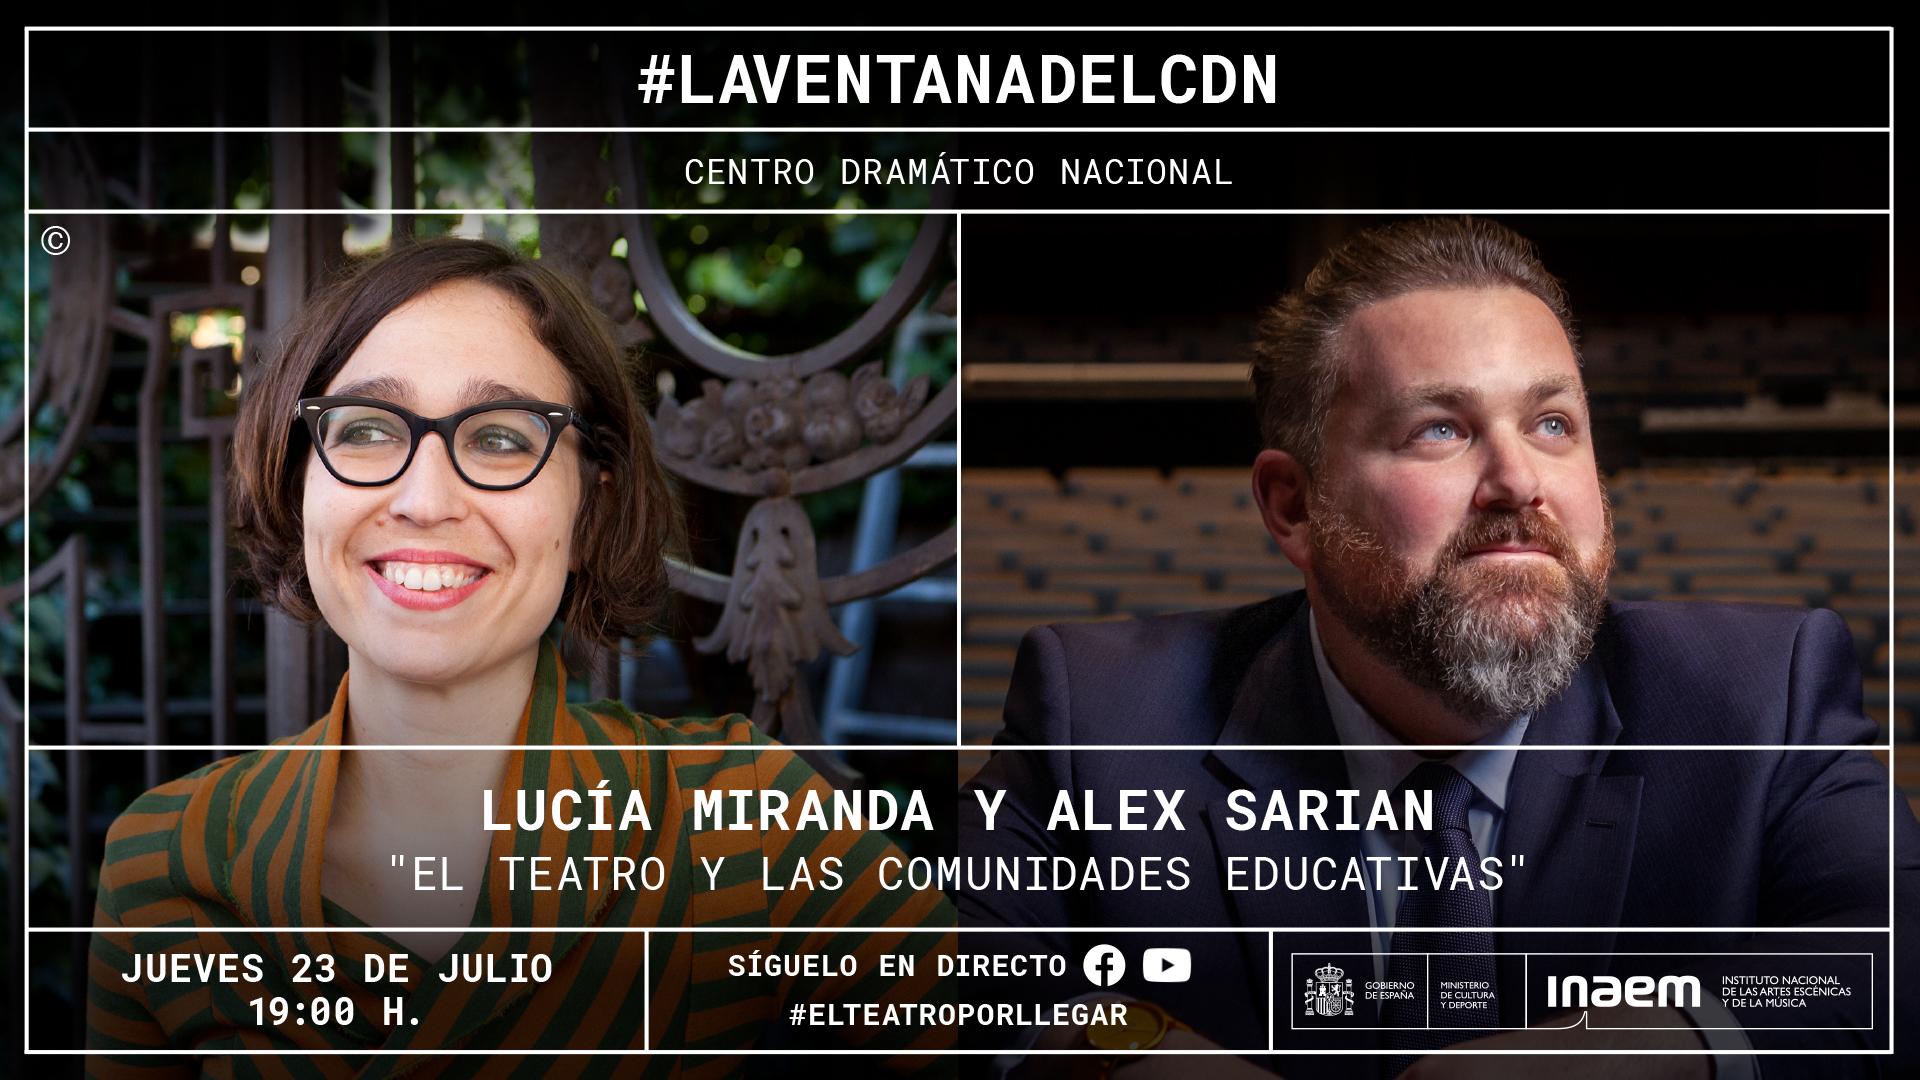 Lucía Miranda y Alex Sarian debate sobre «El teatro y las comunidades educativas»